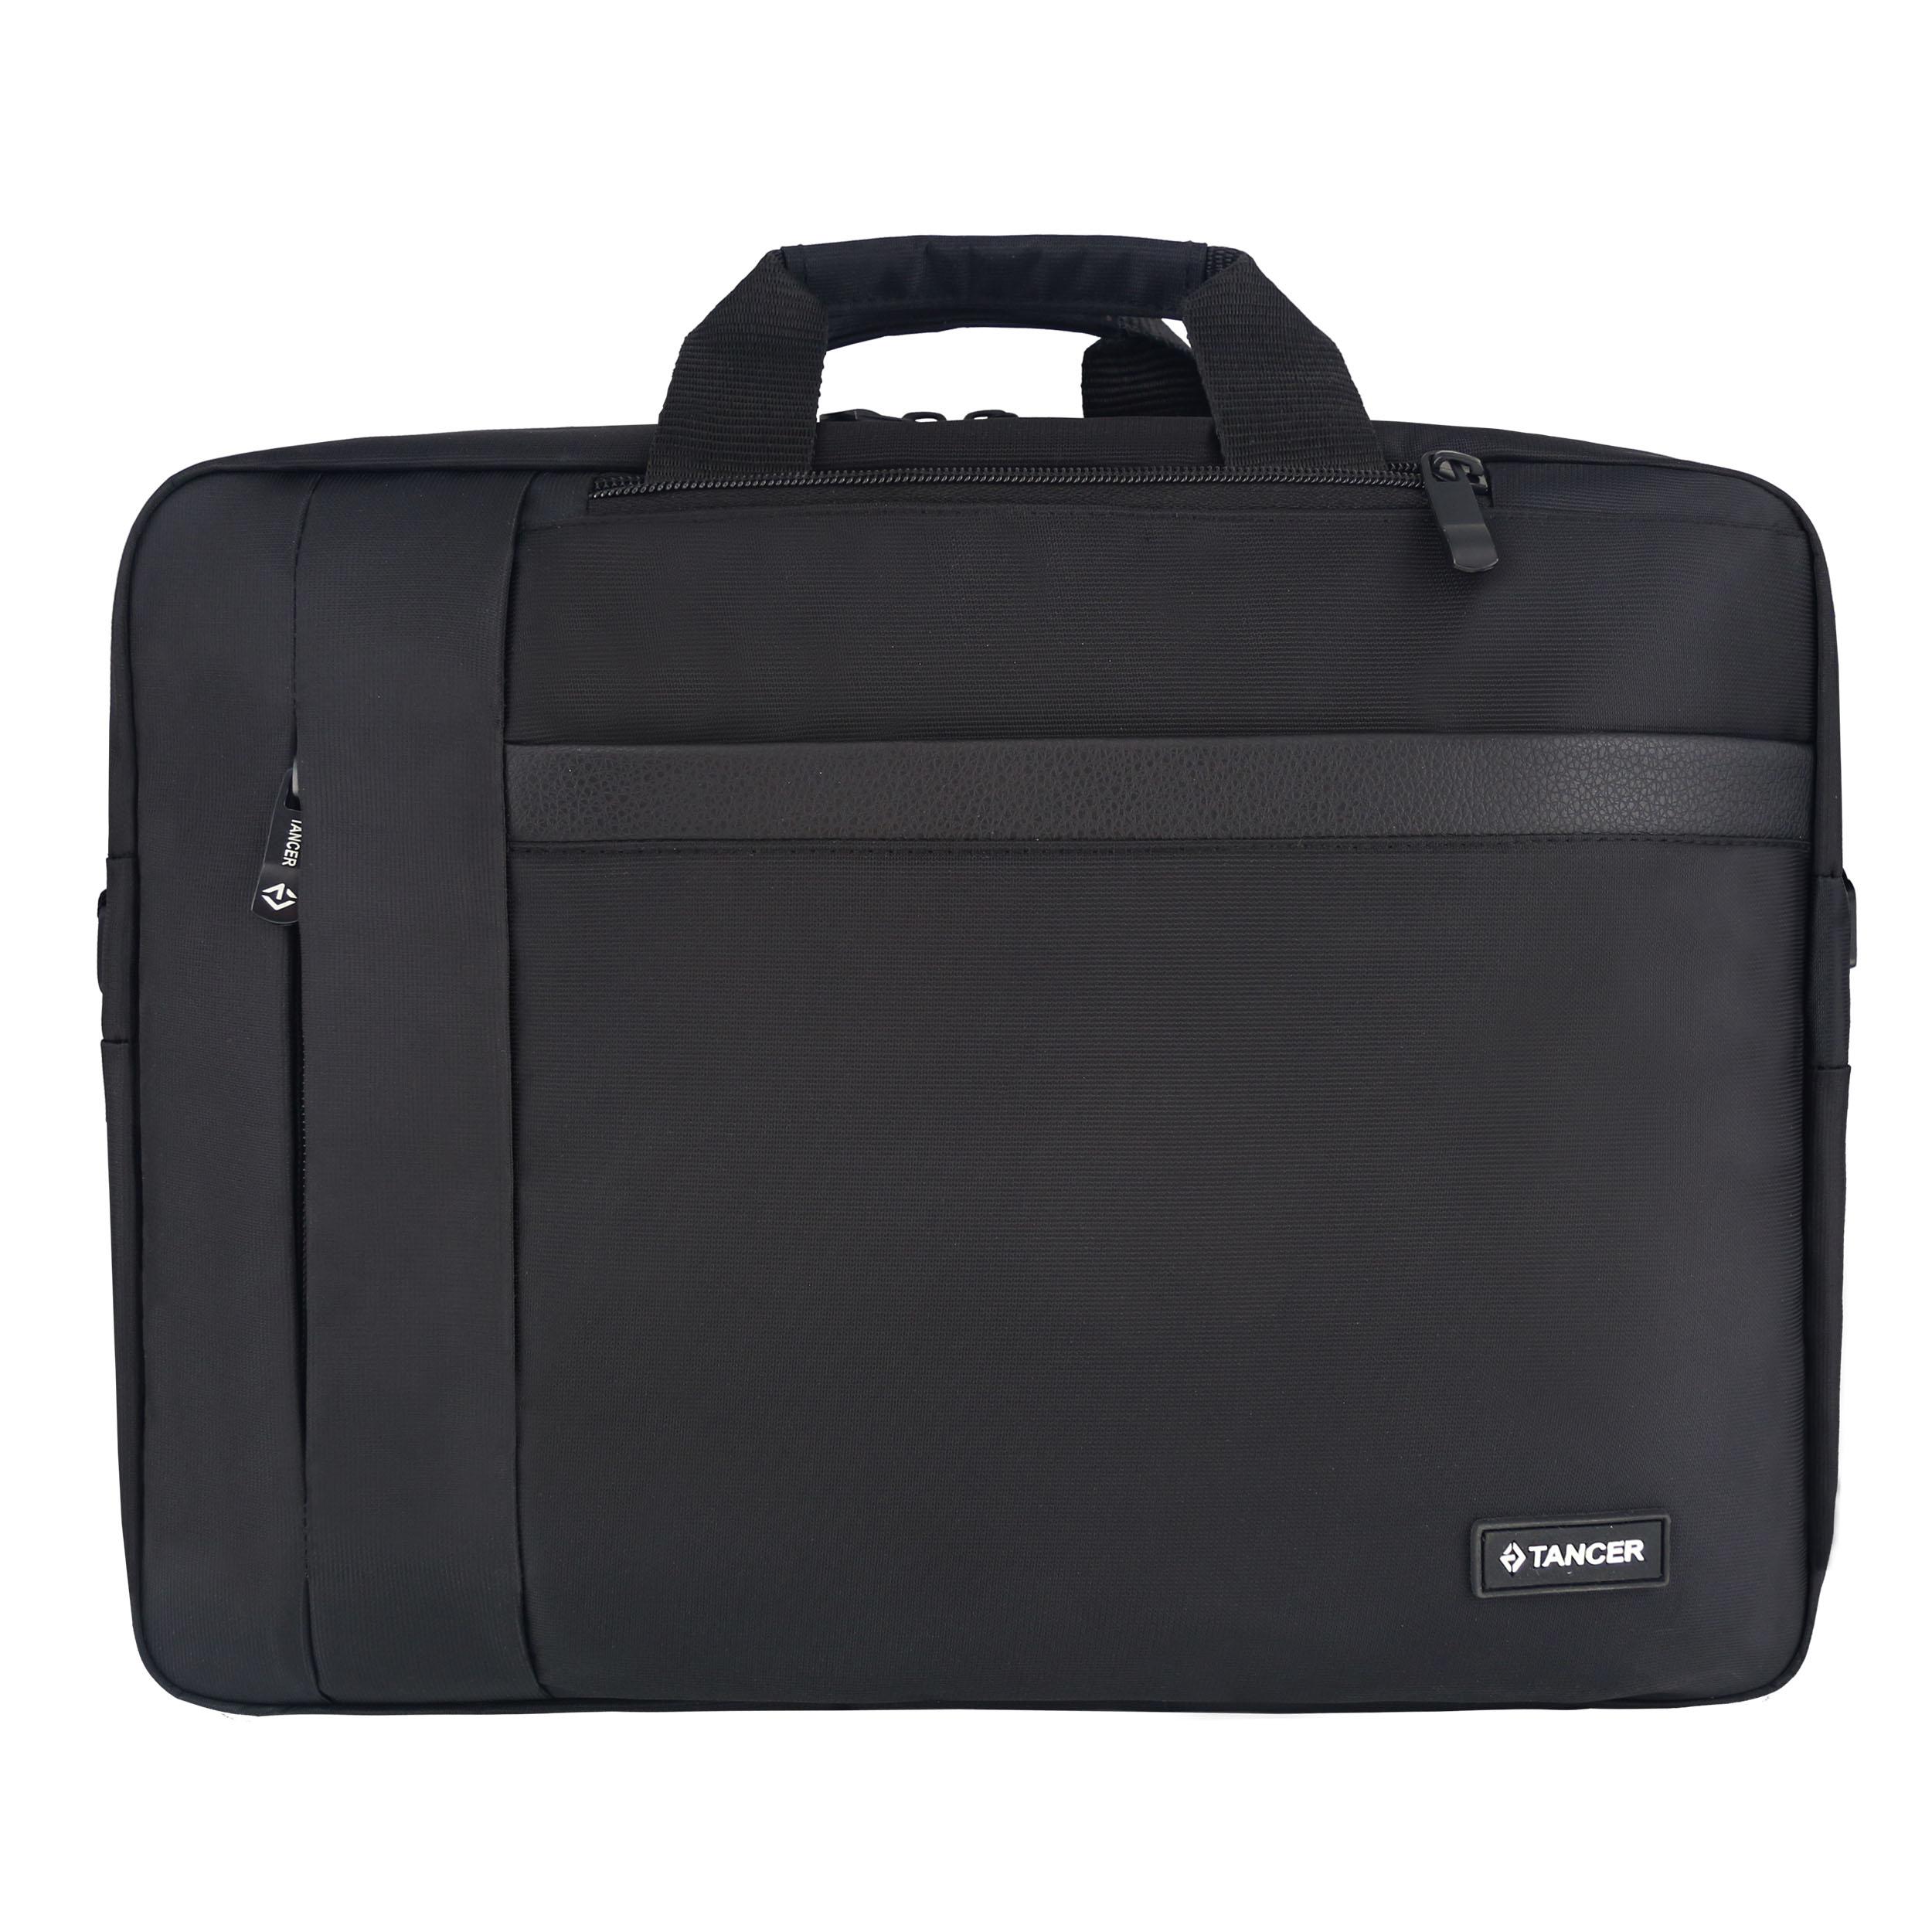 کیف لپ تاپ تنسر مدل کاریو مناسب برای لپ تاپ 15.6 اینچی